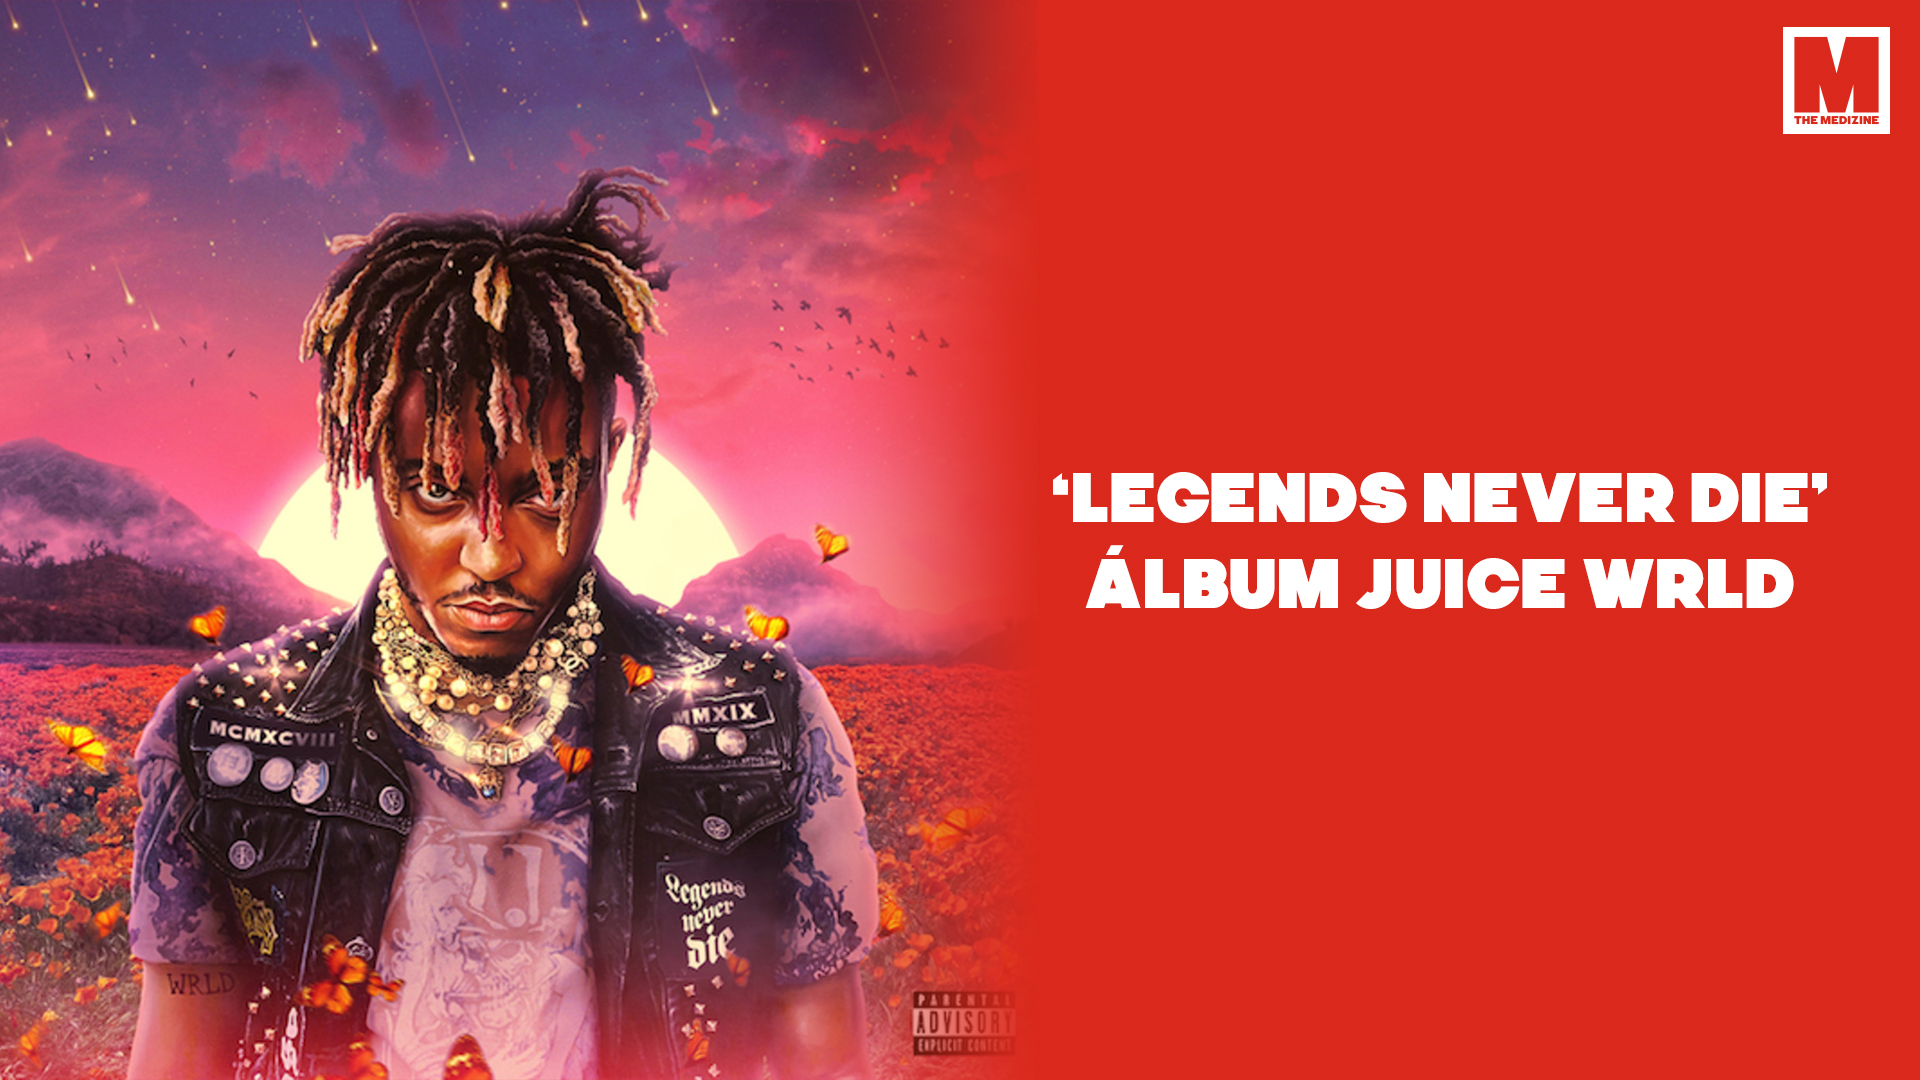 Escucha Legends Never Die El Album Postumo De Juice Wrld